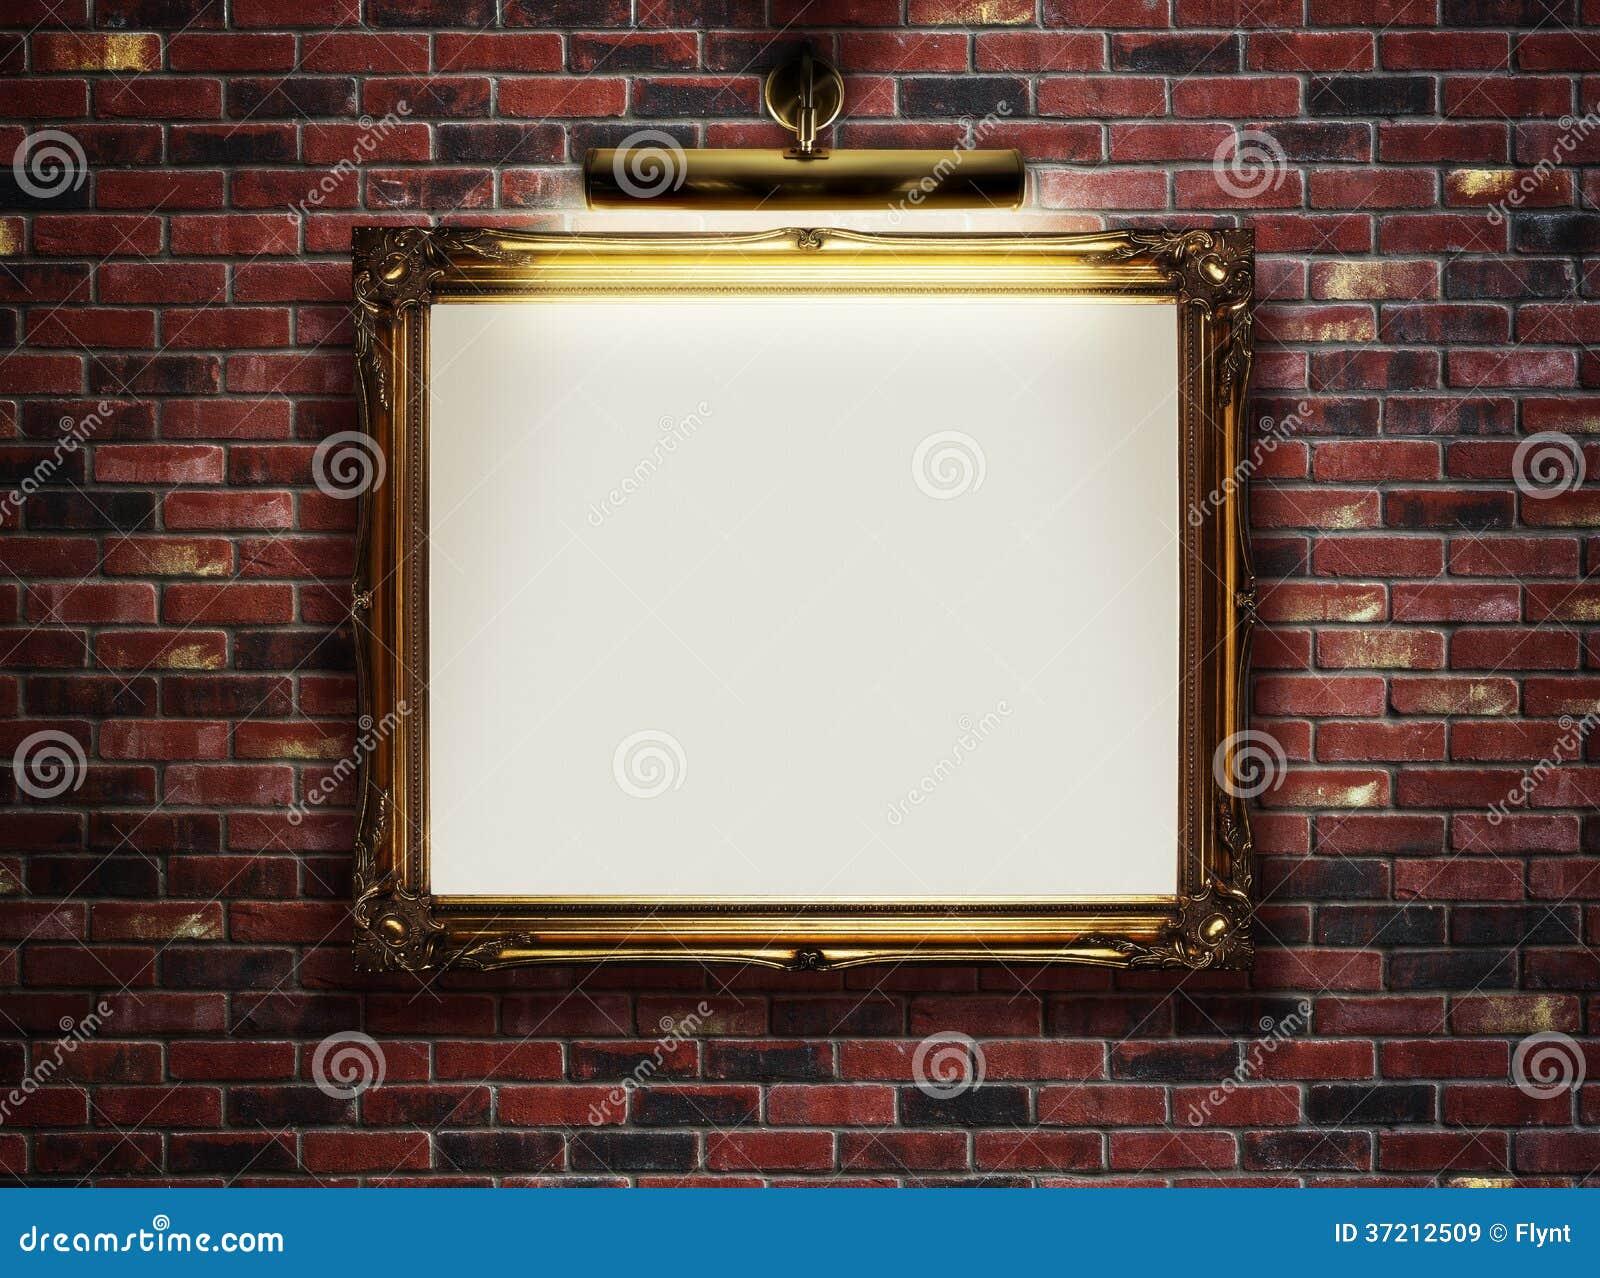 cadre vide sur le mur images libres de droits image 37212509. Black Bedroom Furniture Sets. Home Design Ideas